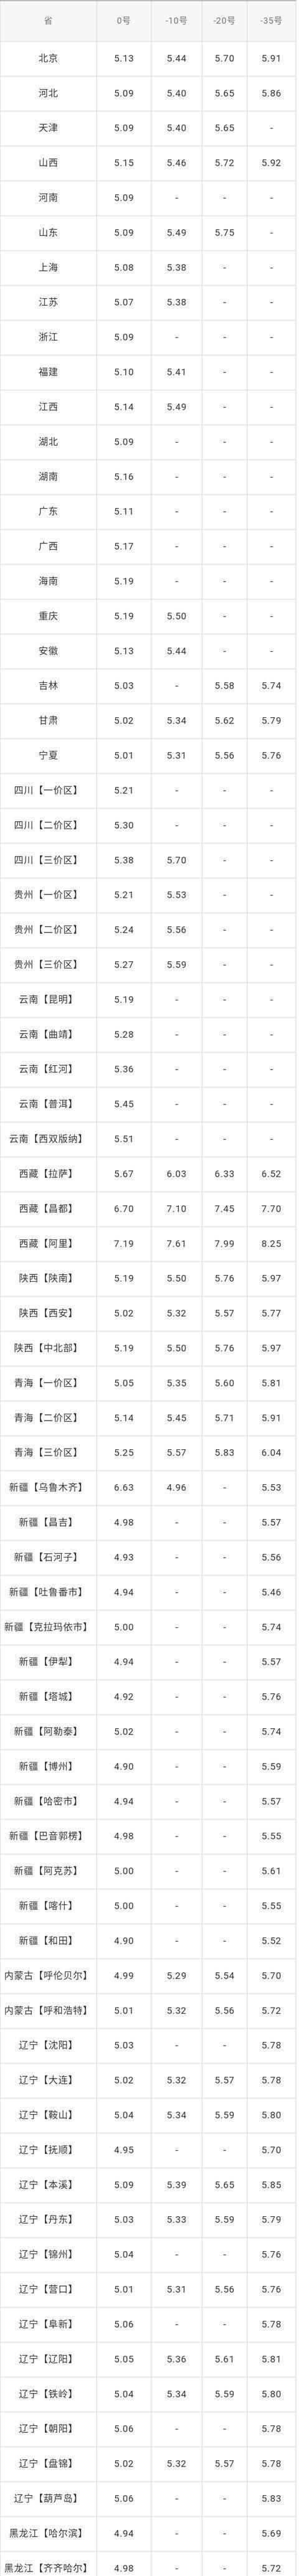 20203月18日油价最新消息:中国石油汽柴油价格